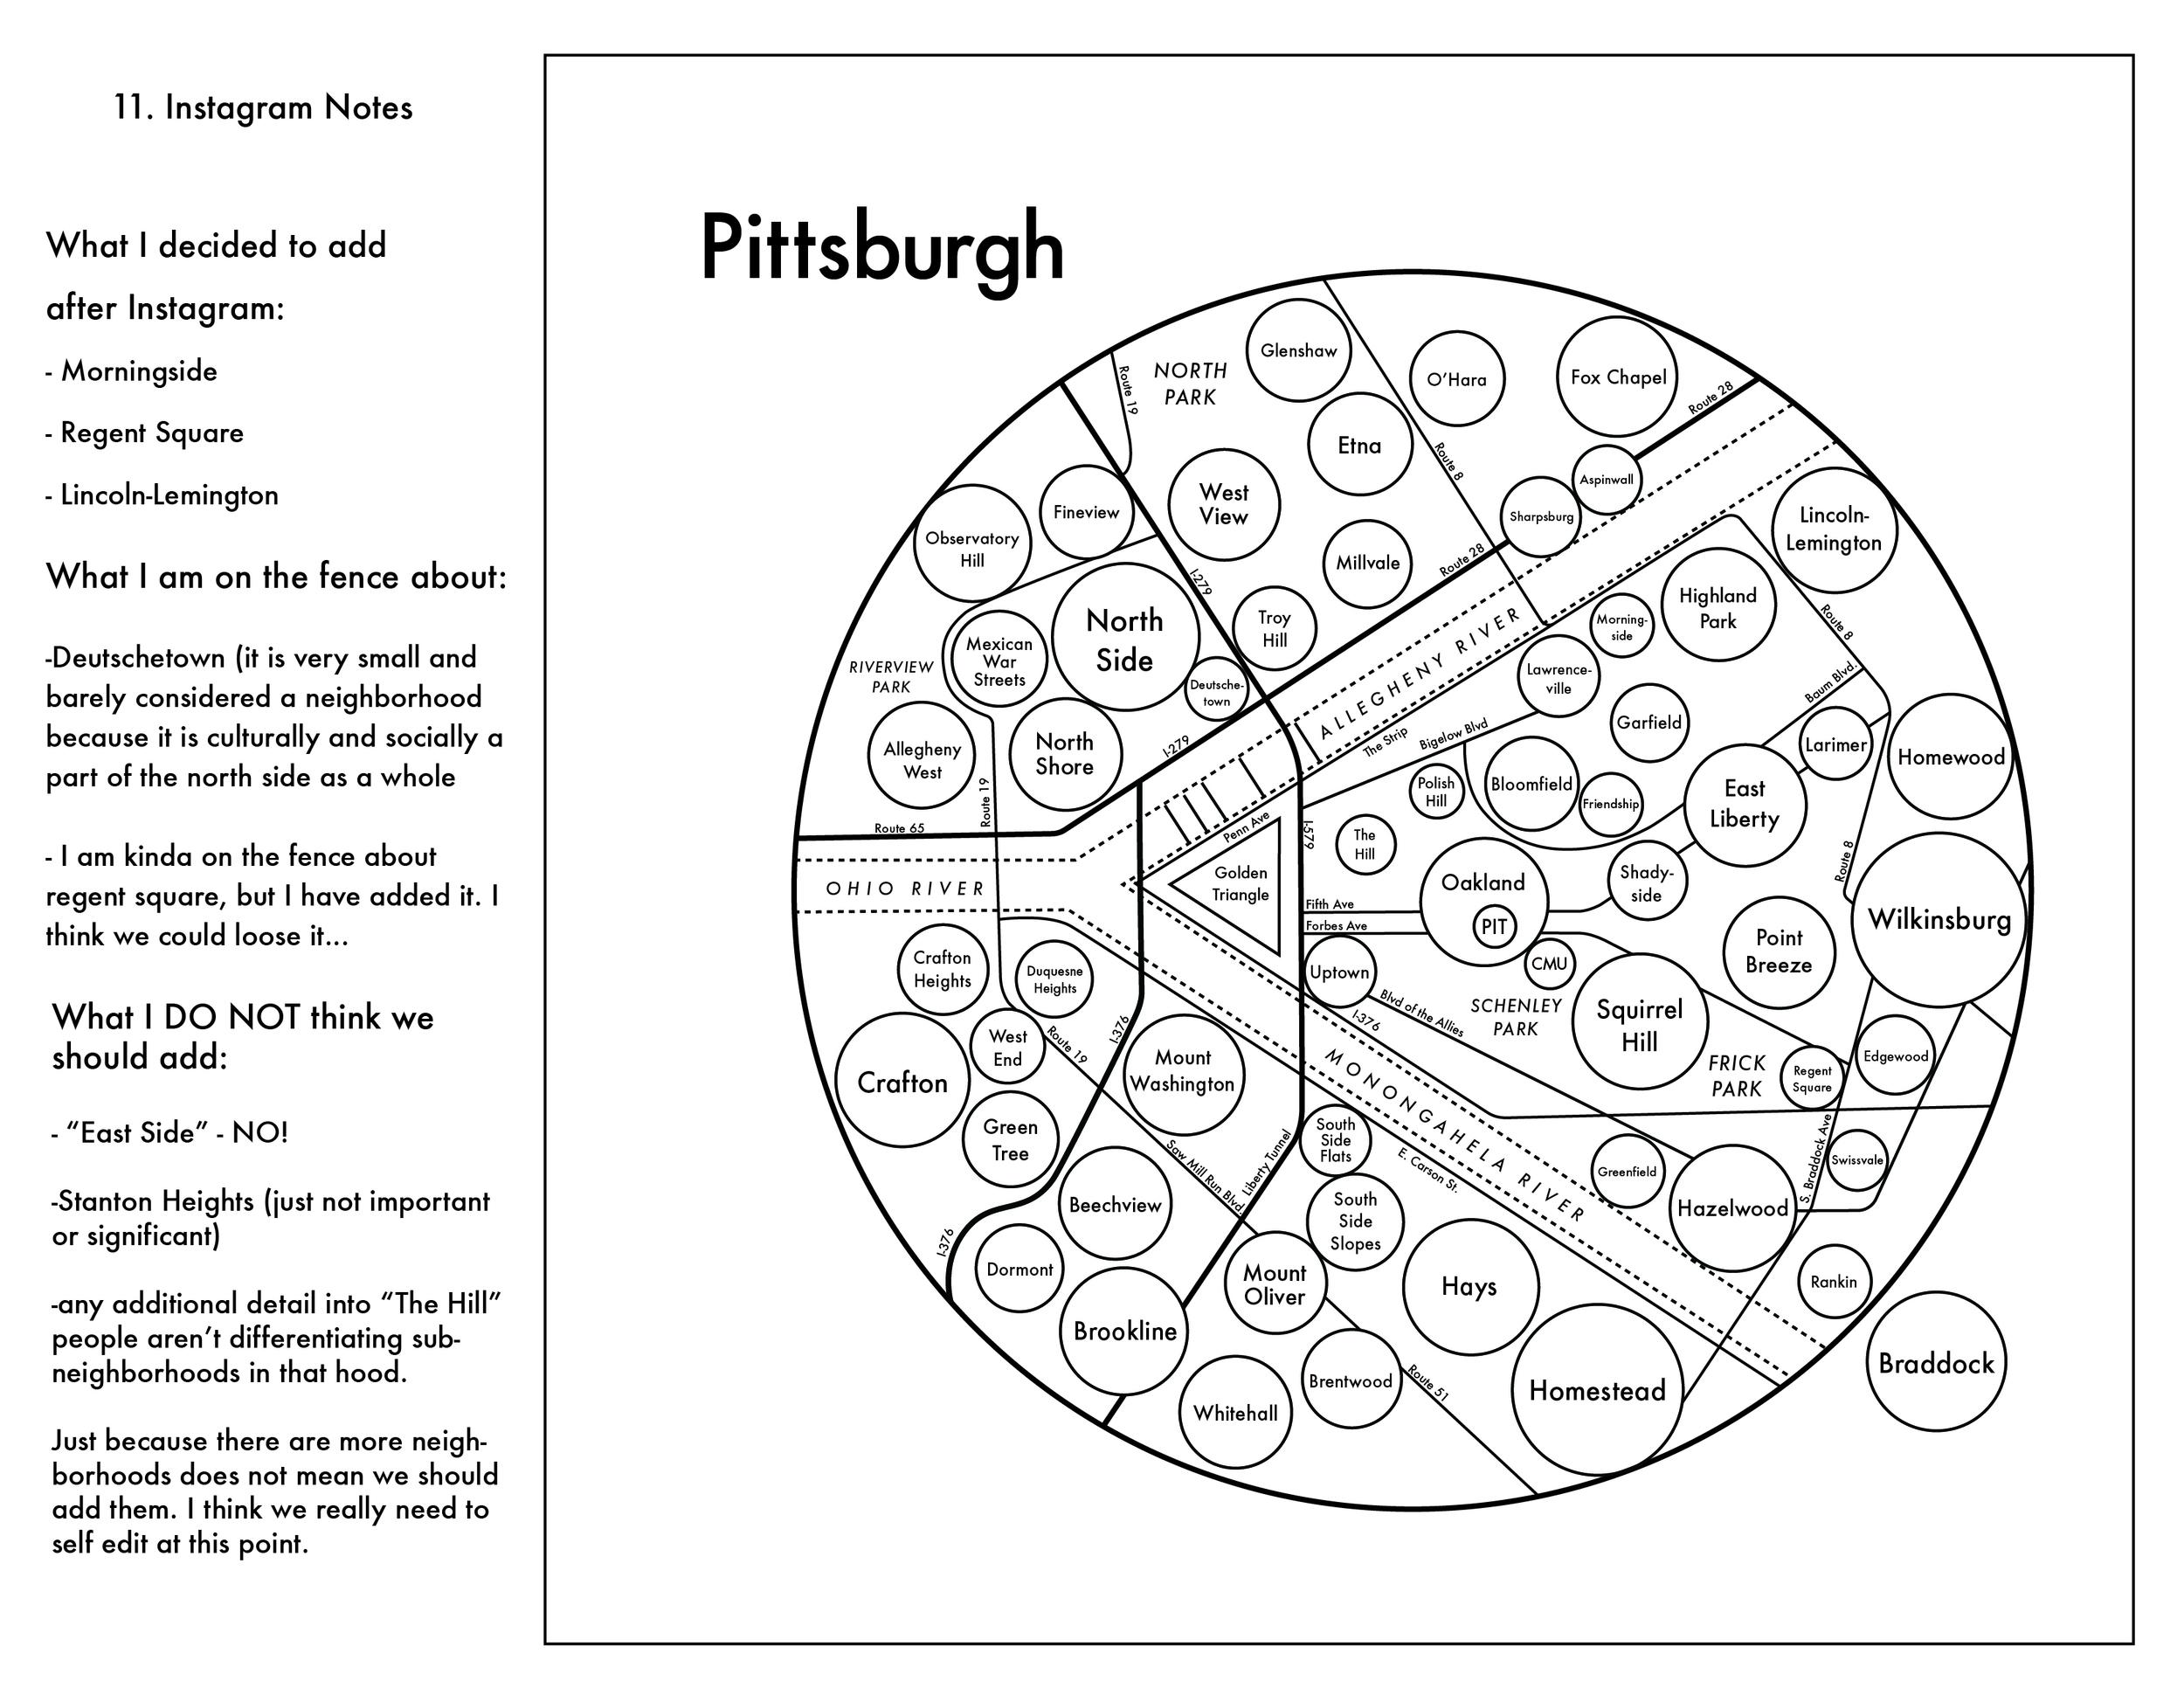 Pittsburgh02_29_16_Instagram notes.jpg